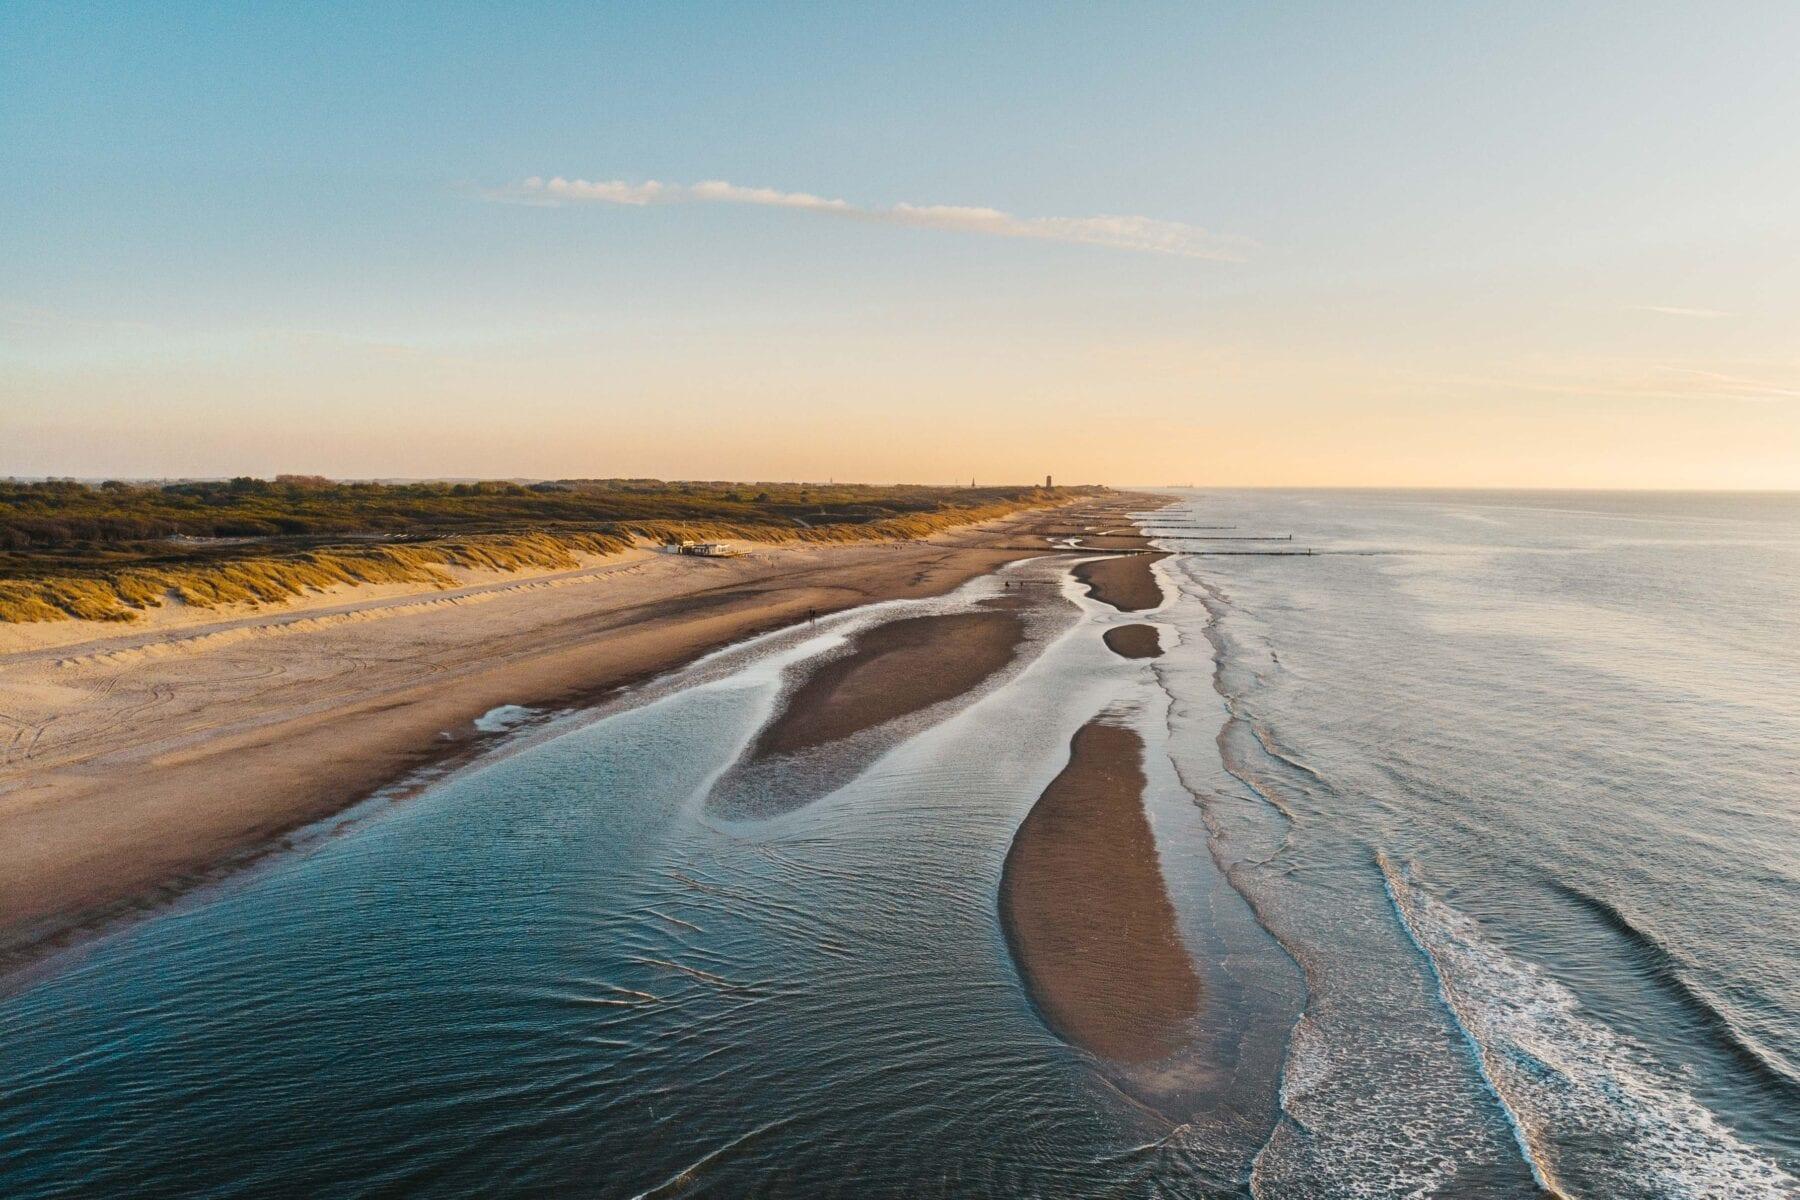 De Zeeuwse kust drone